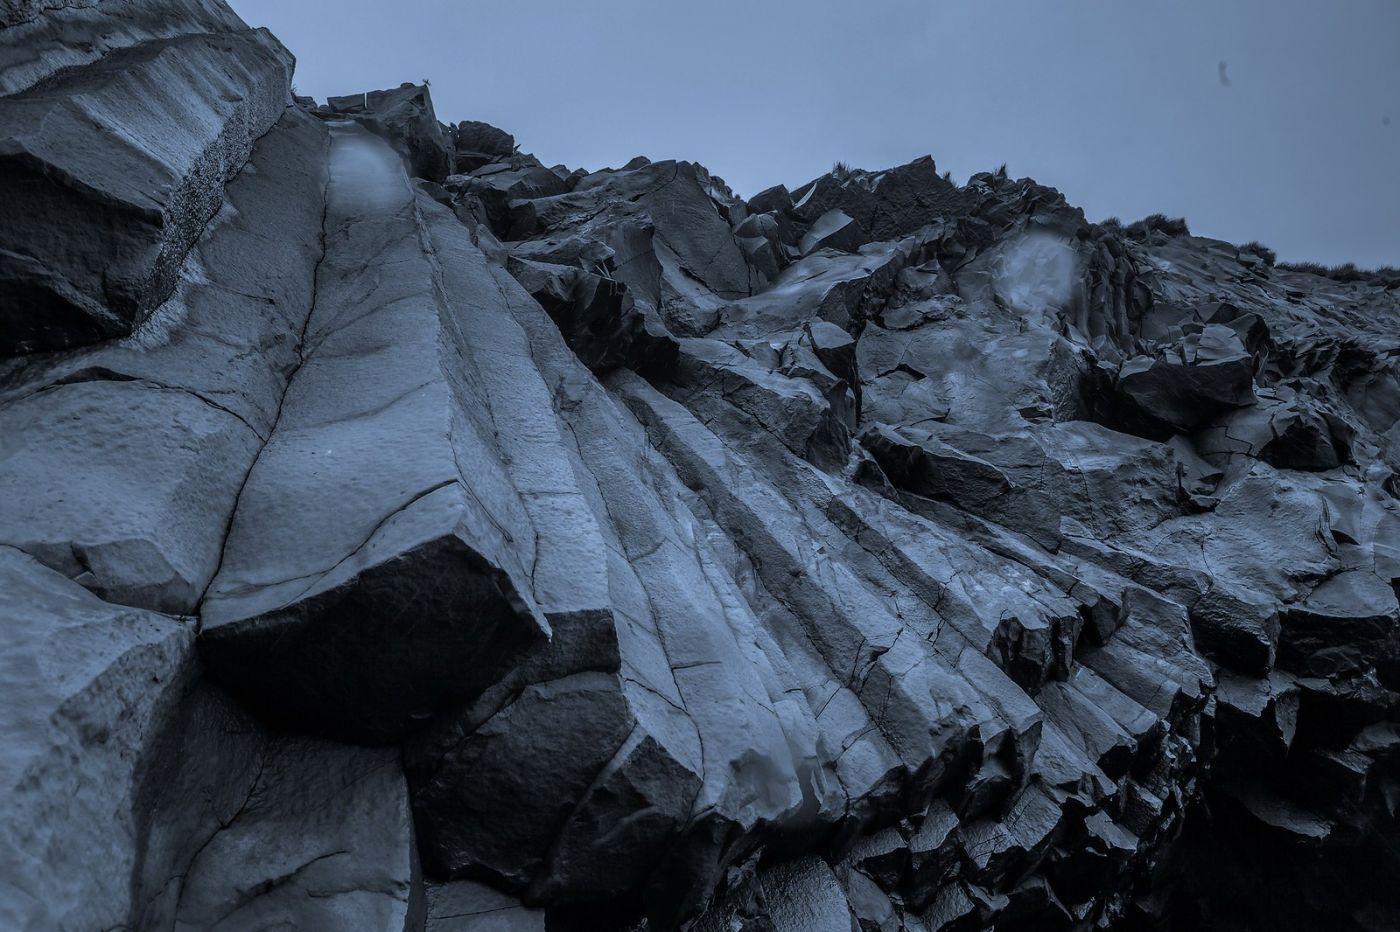 冰岛雷尼斯法加拉黑沙滩(Reynisfjara Black Sand Beach)_图1-21